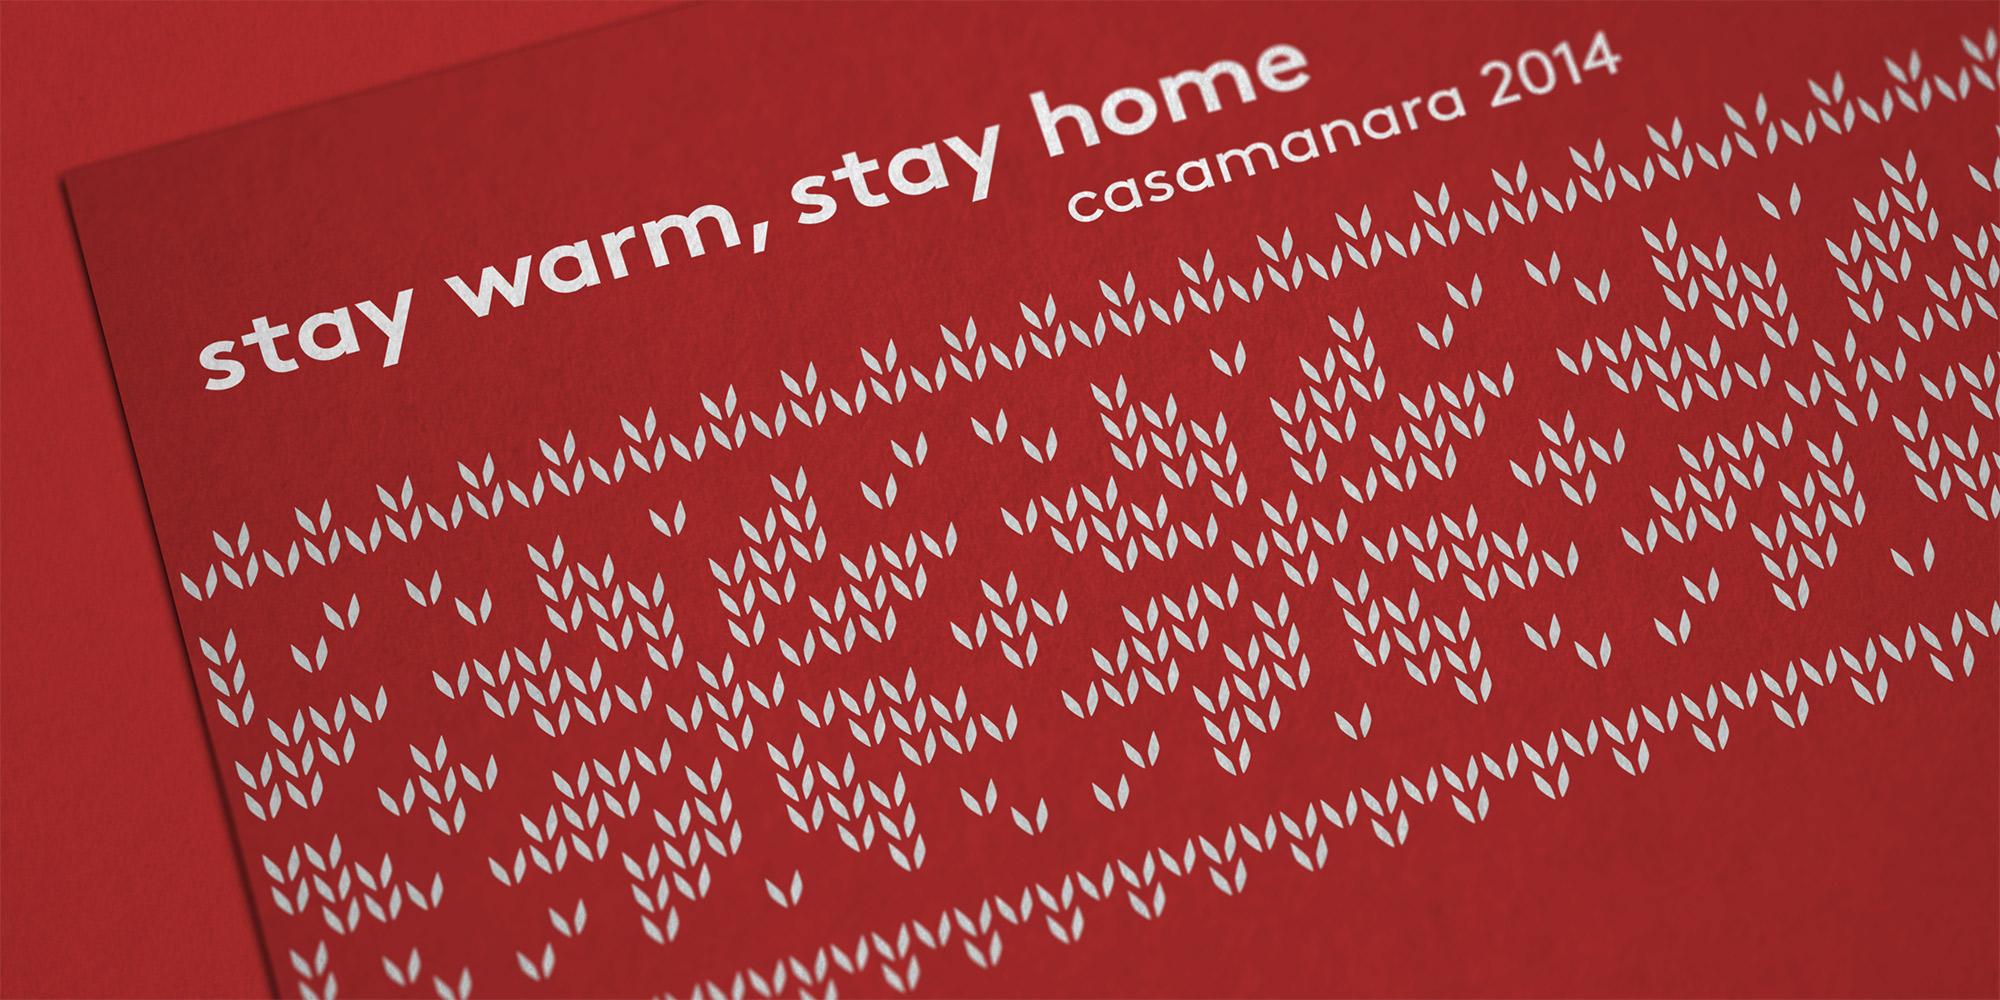 Casamanara Holiday Card 2014